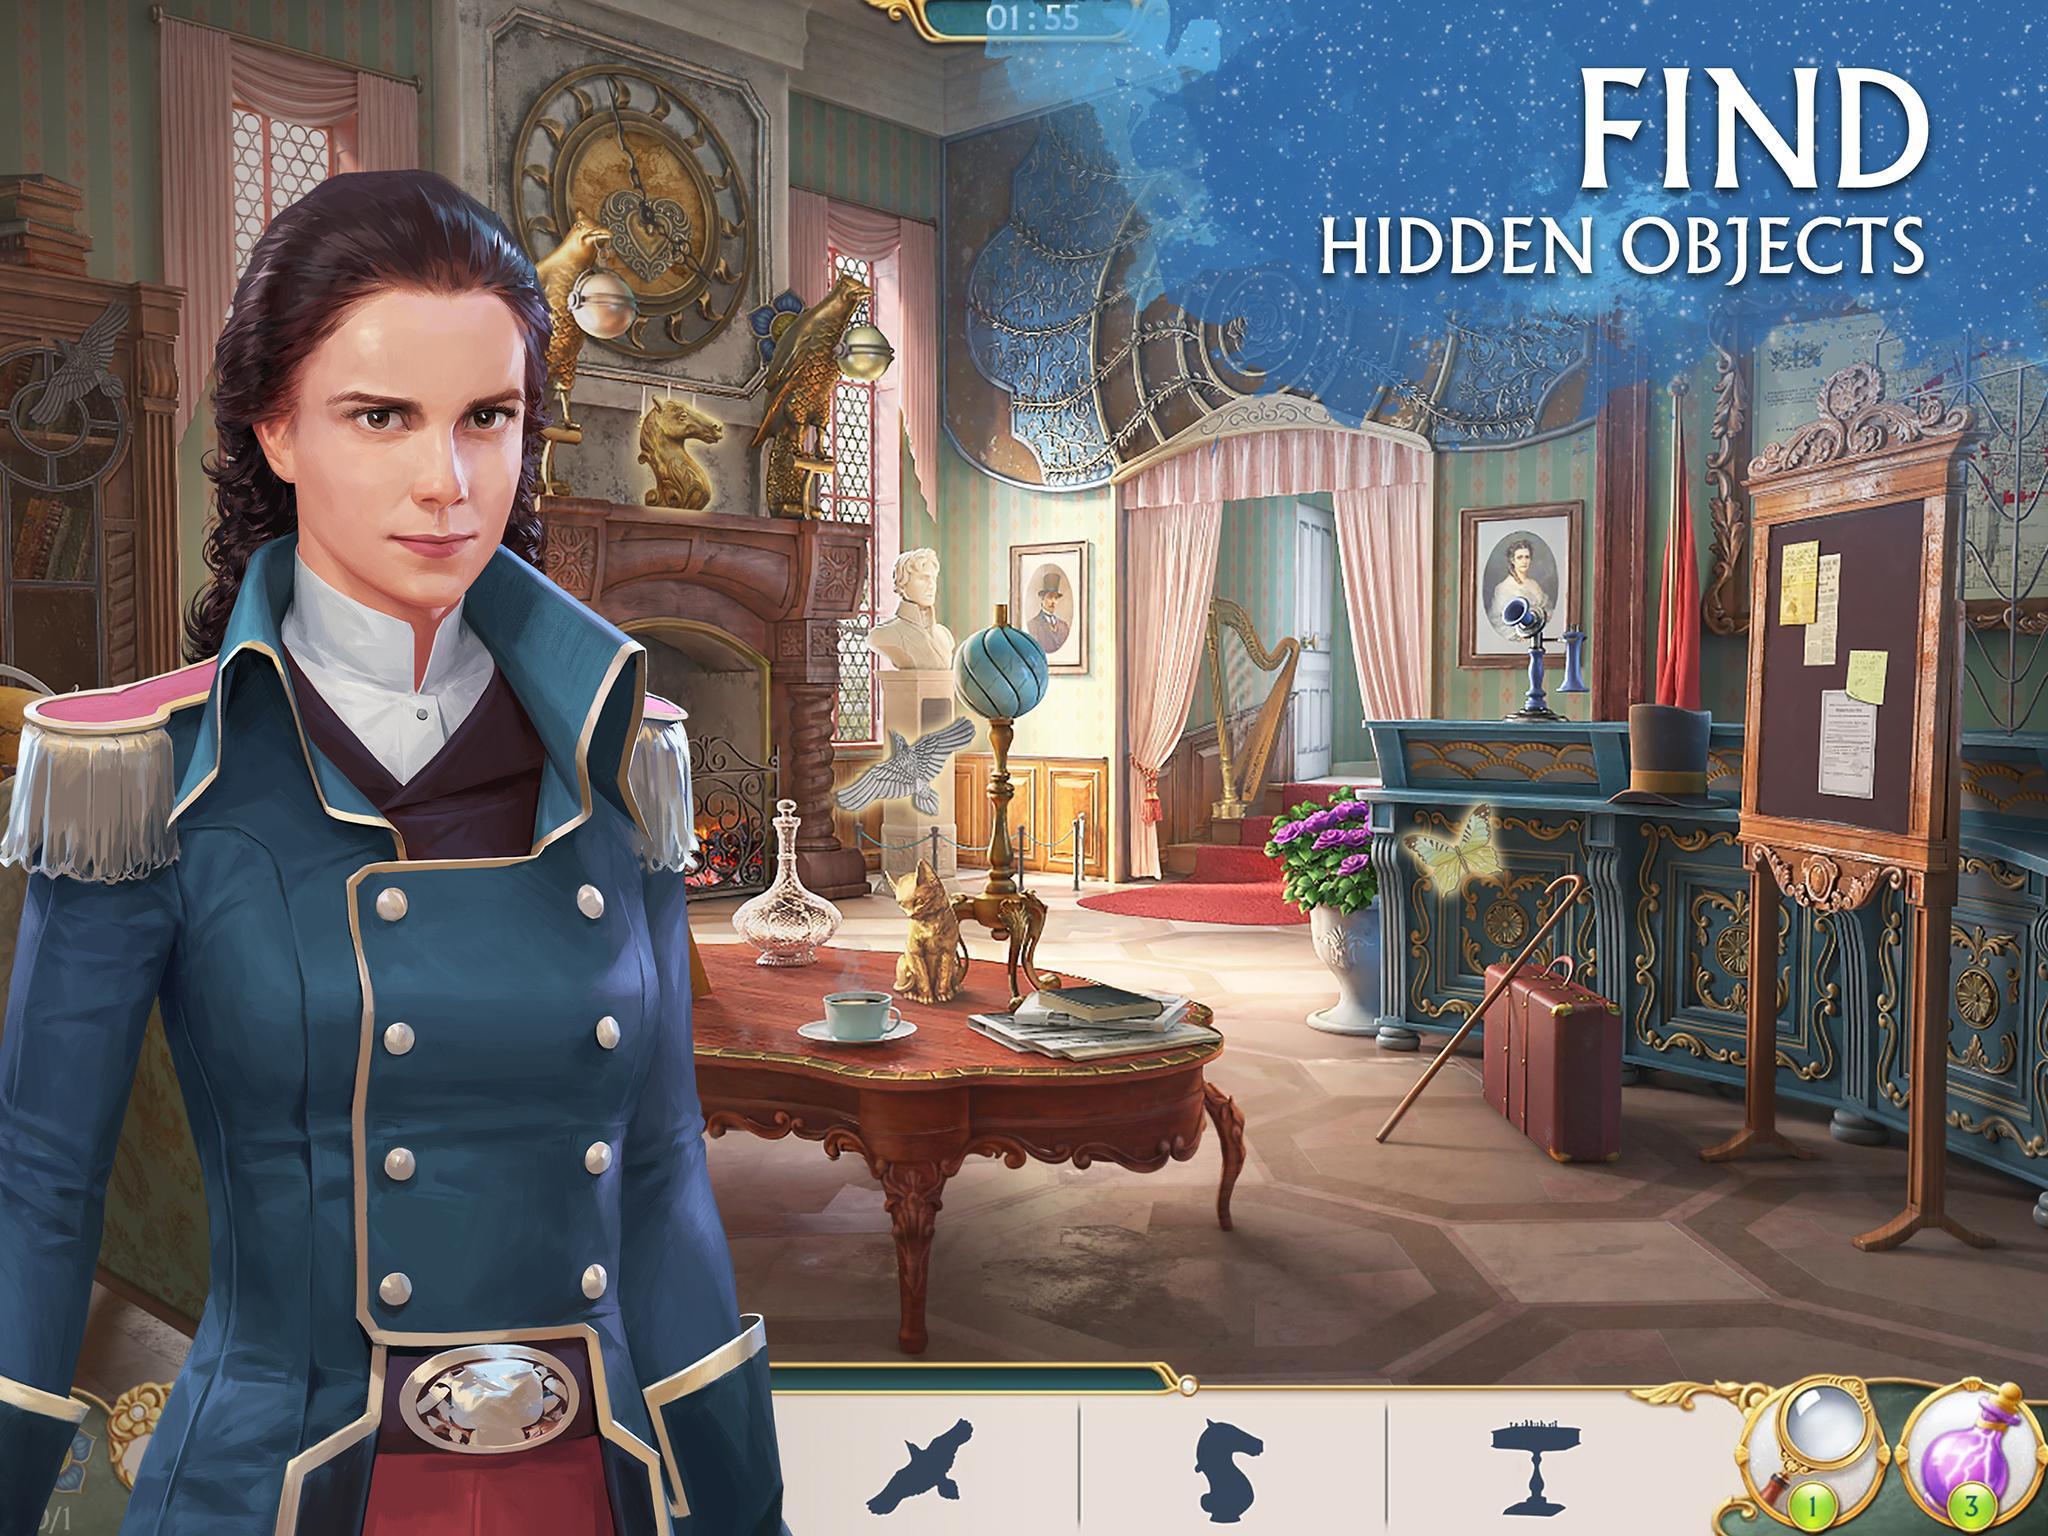 Ravenhill®: Hidden Mystery - Match-3 with a Story 2.21.1 Screenshot 6